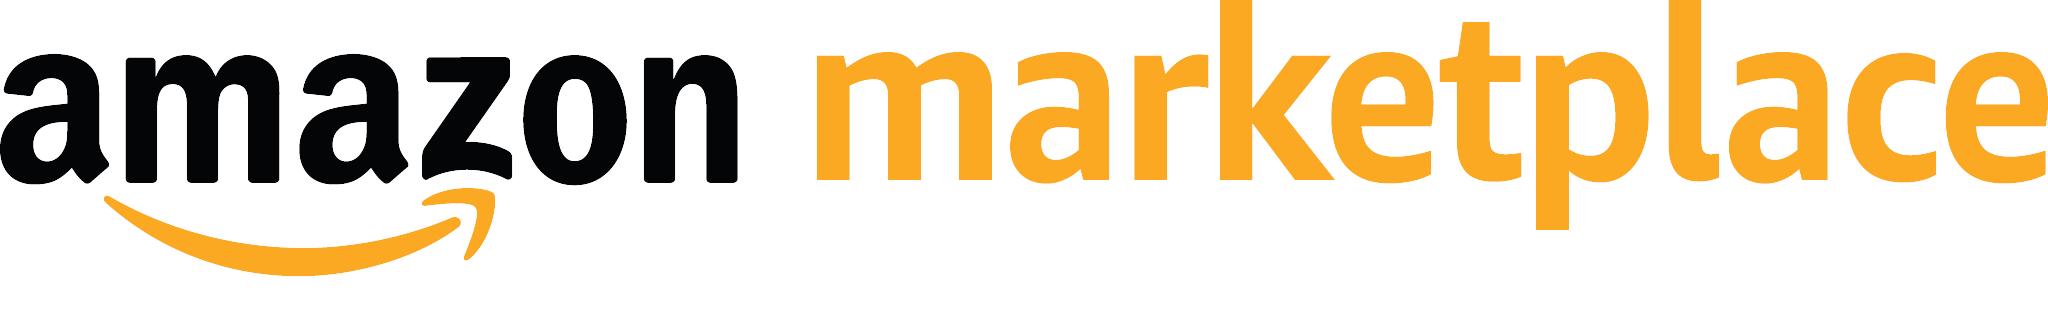 Amazon Marketplace Logo